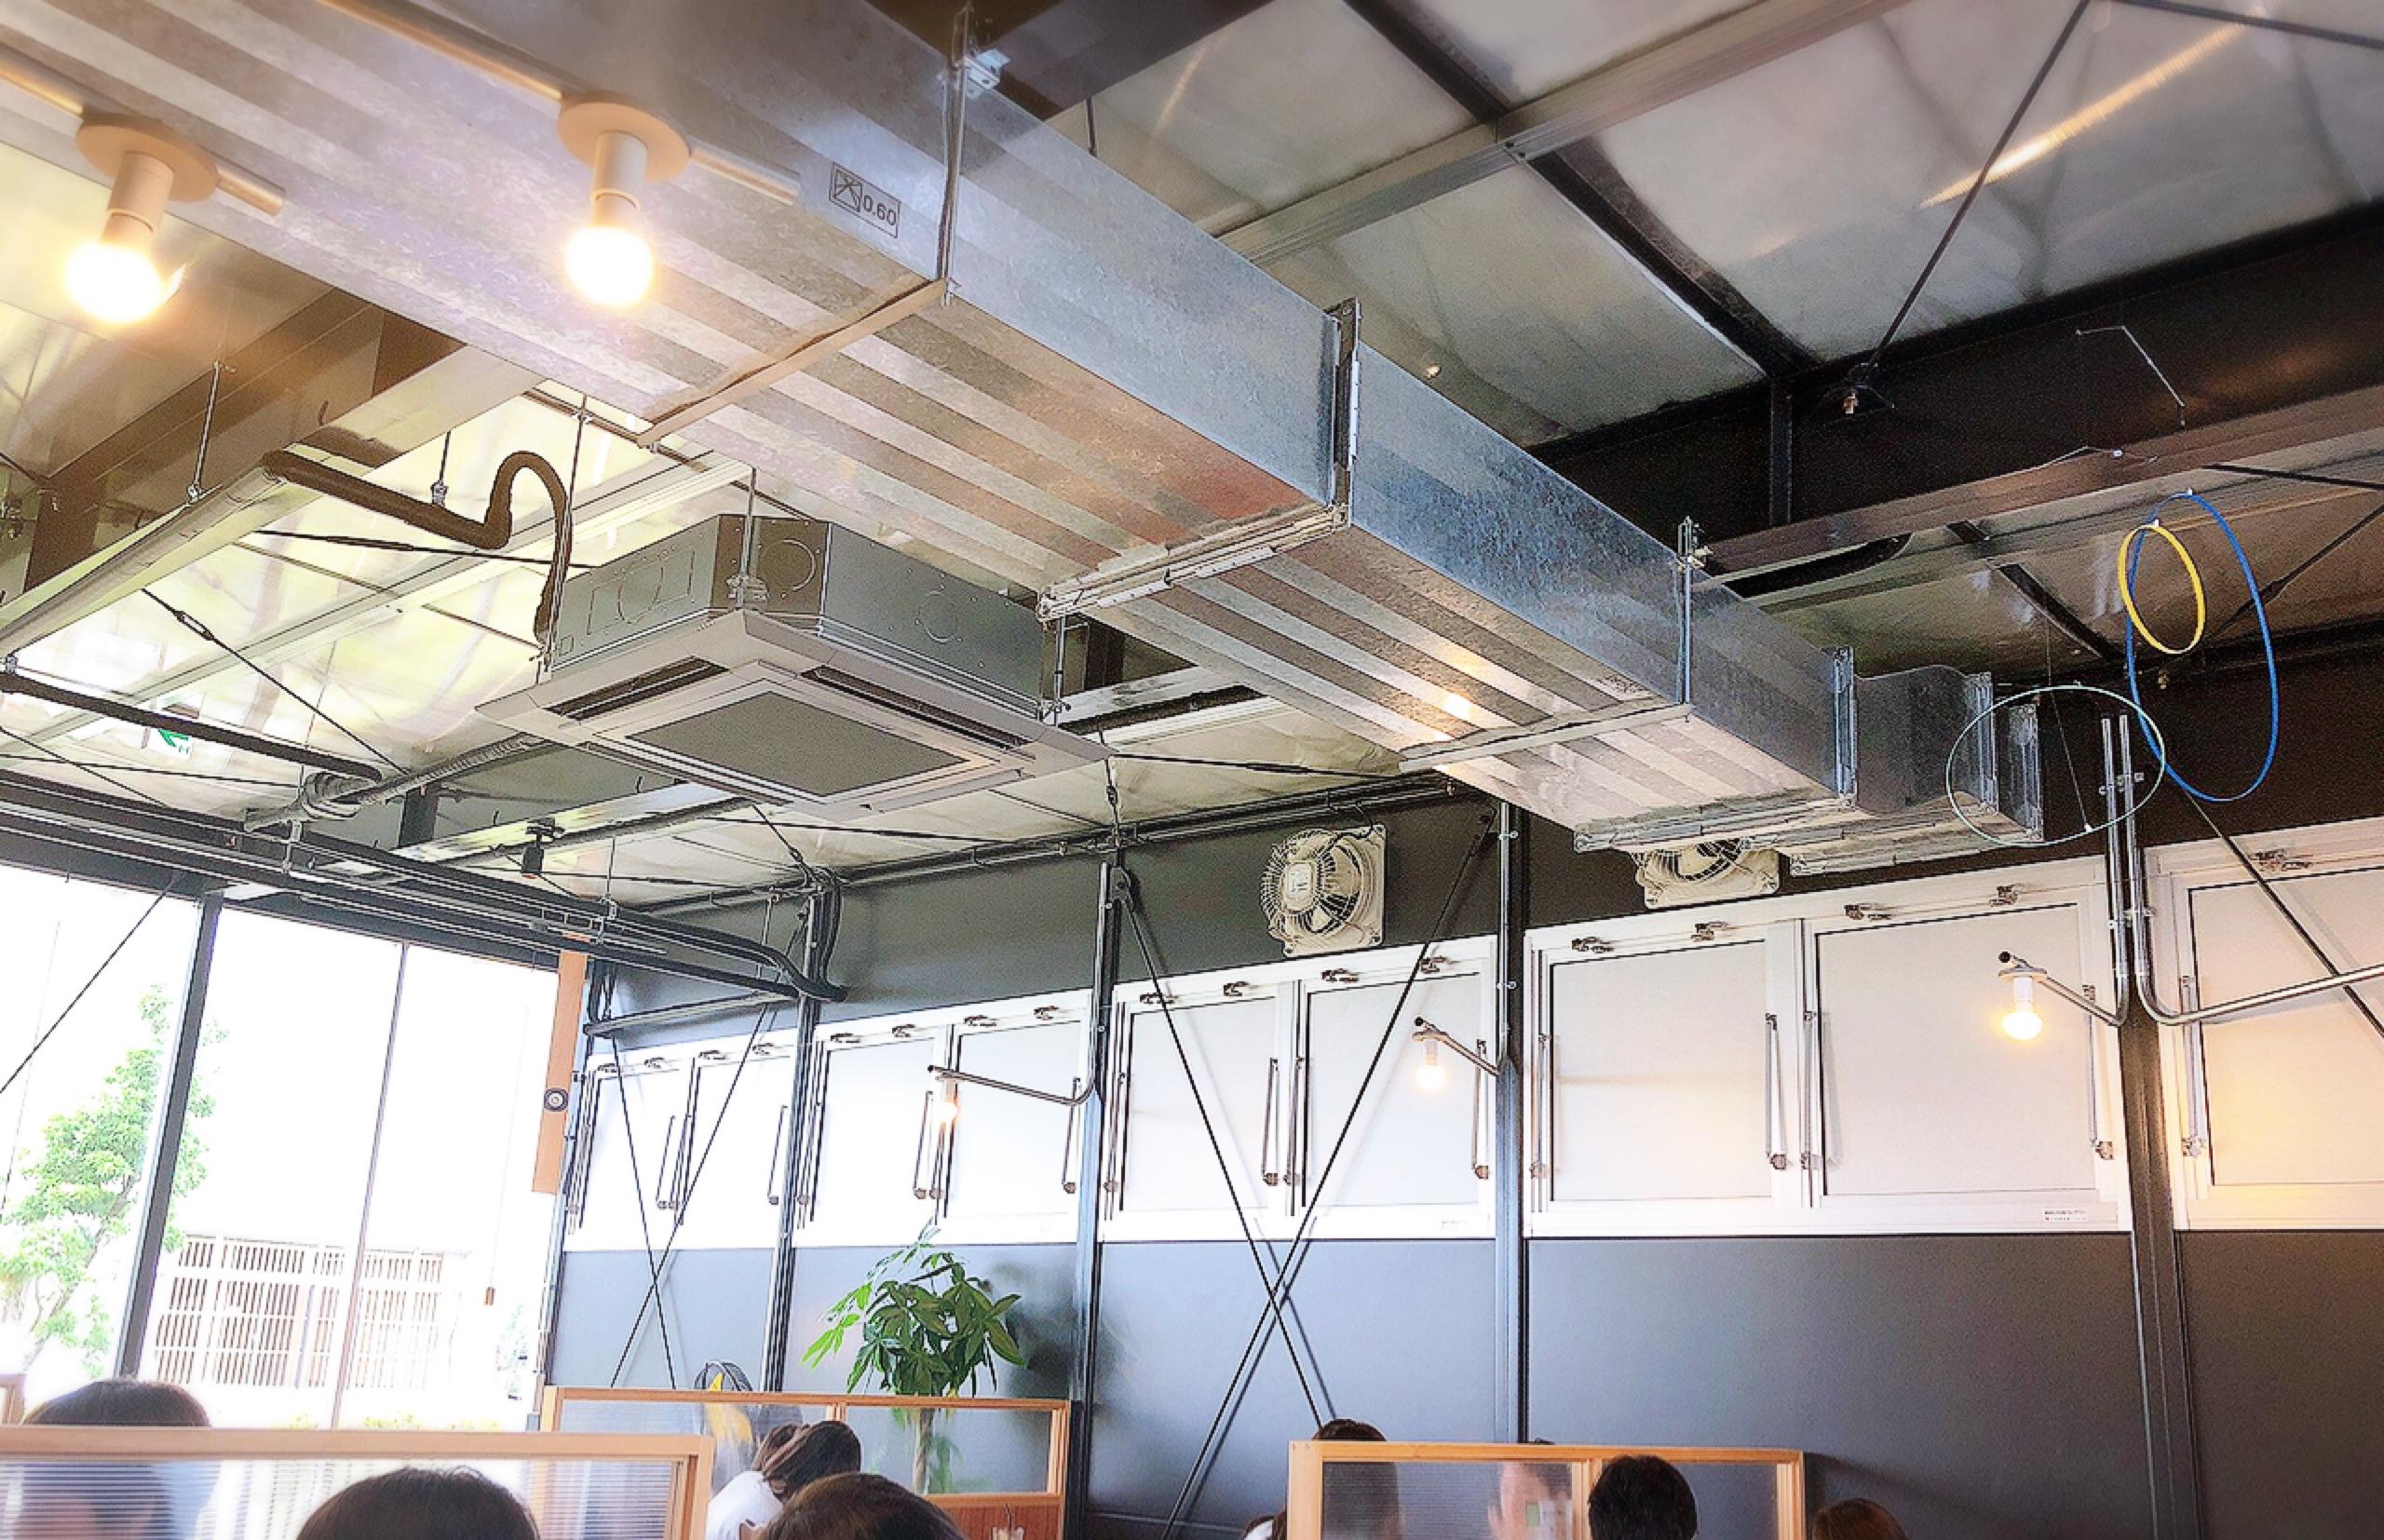 【静岡CAFE】静岡のおしゃれで可愛い《THIS IS CAFE》♩ランチもスイーツも最高(๑>◡<๑)_7